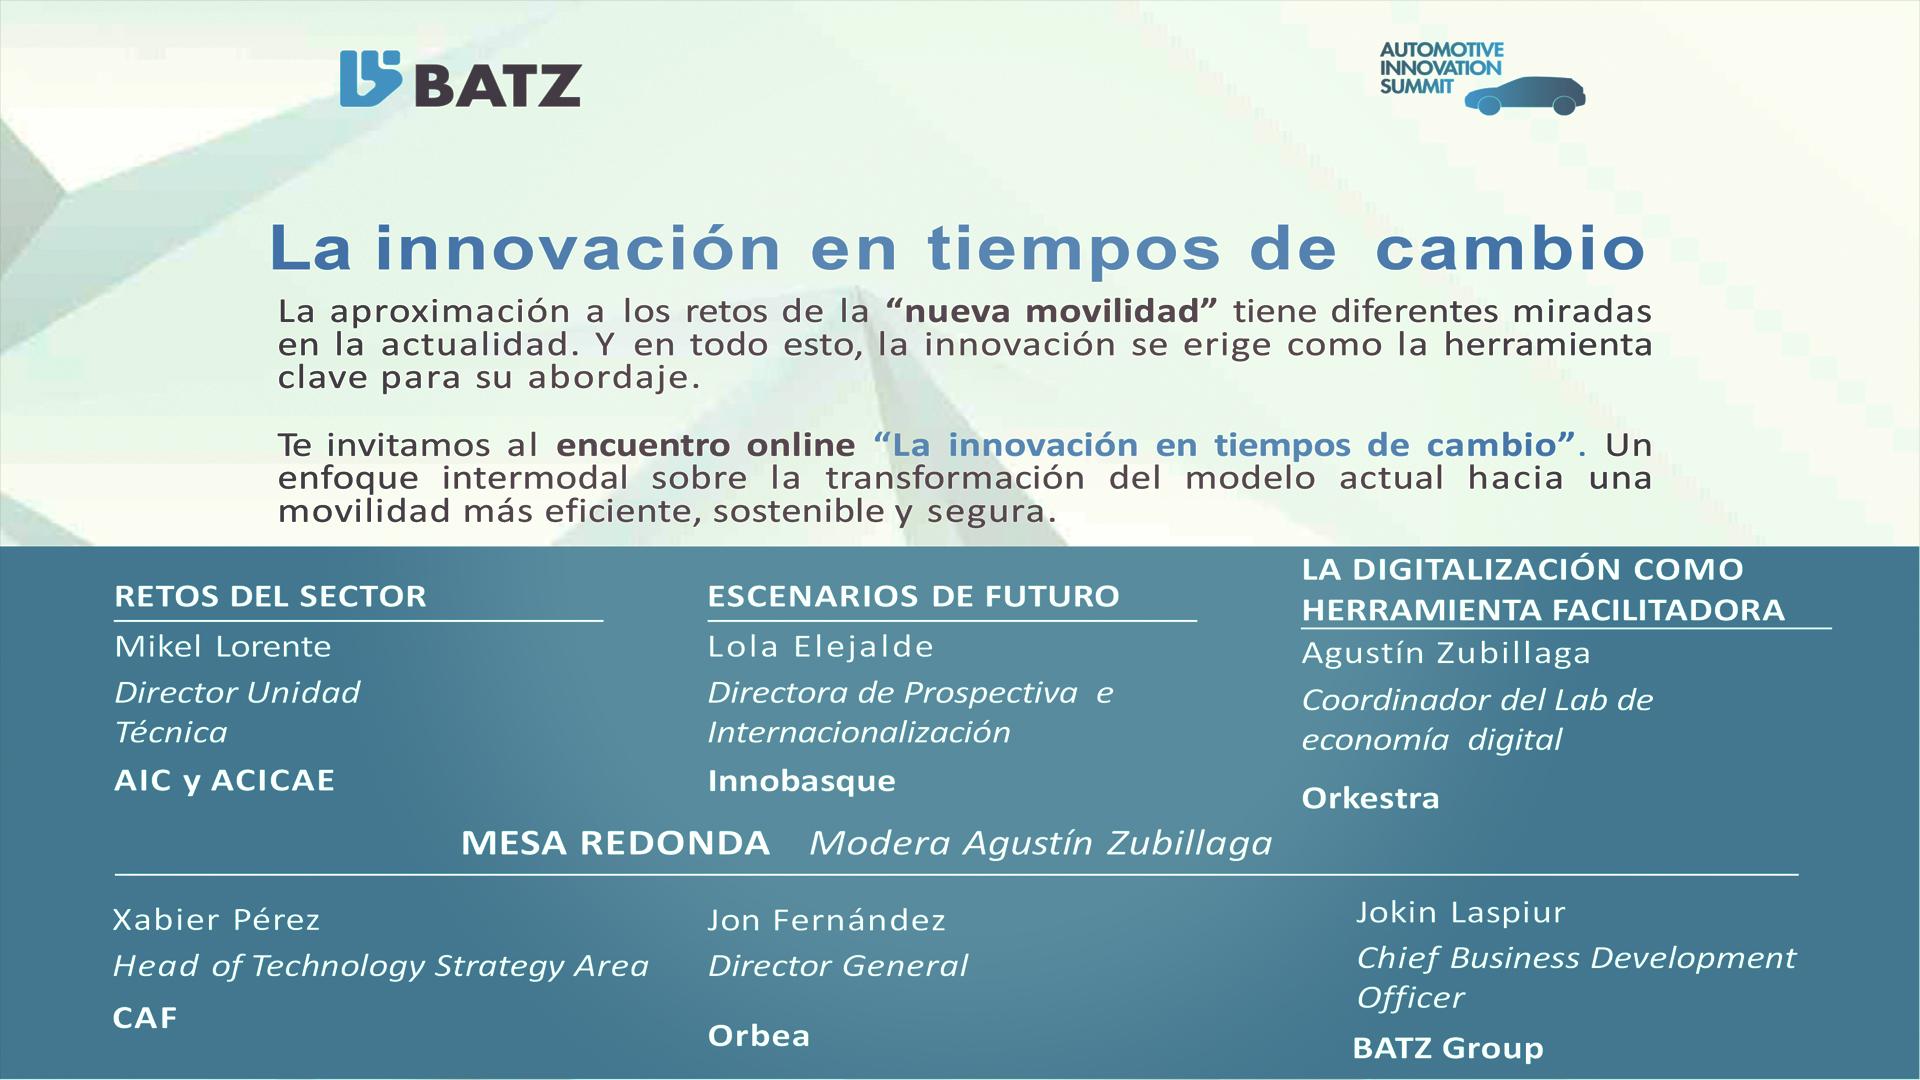 """""""La innovación en tiempos de cambio"""" – BATZ Innovation Summit 2020"""